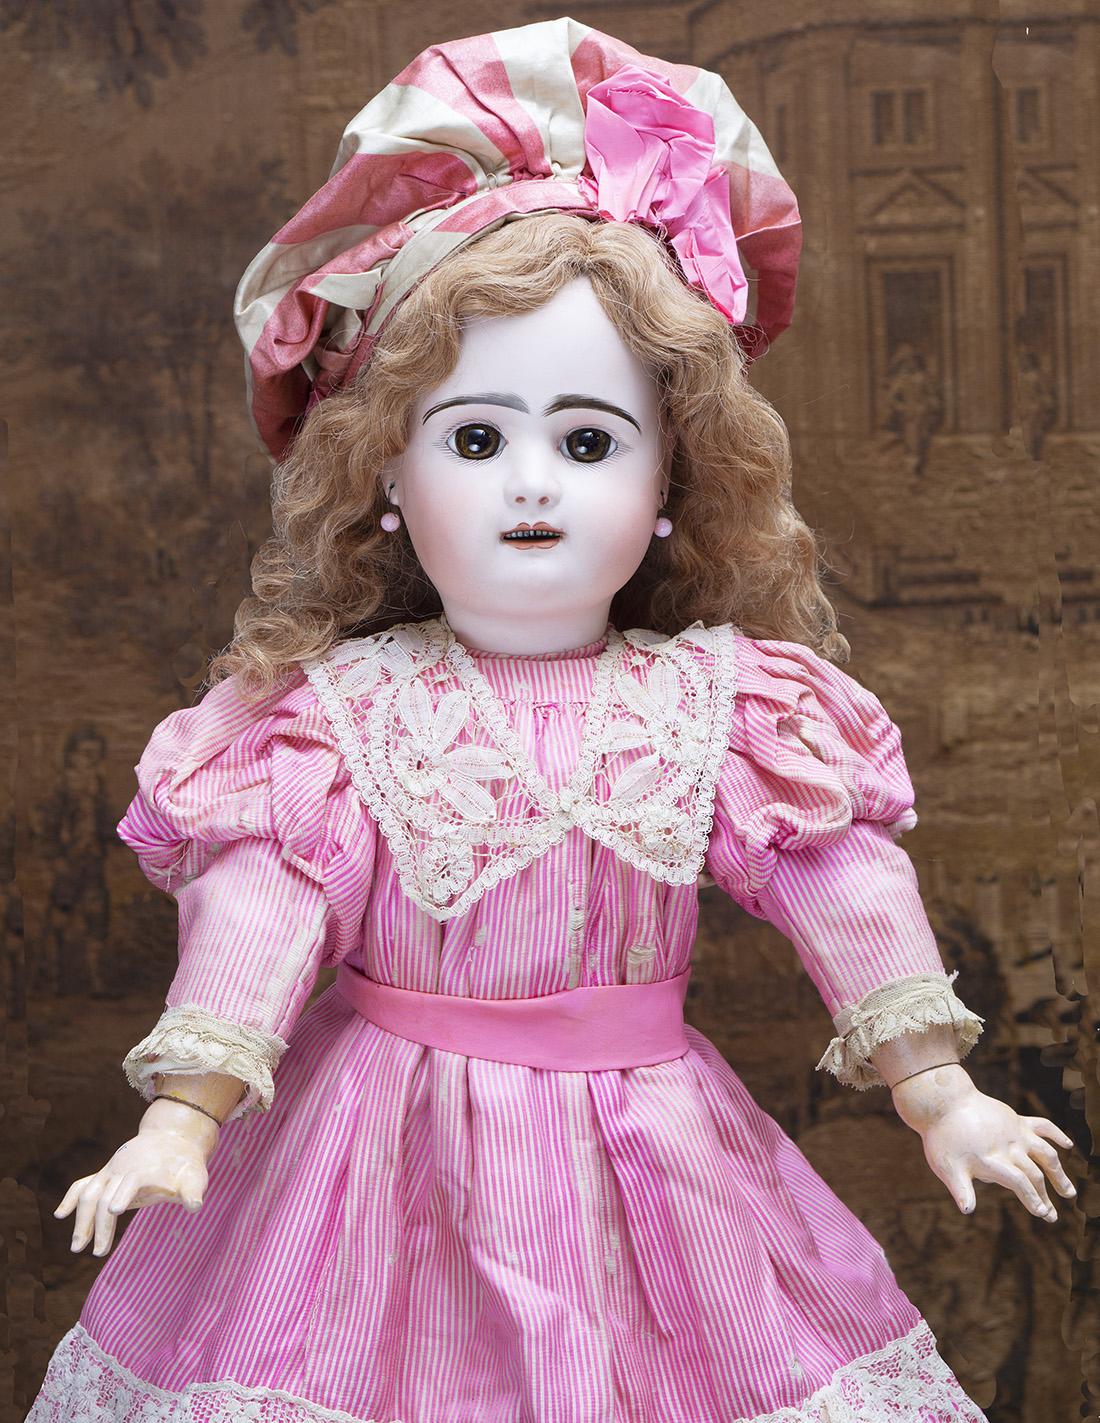 63 см  Французская Кукла Rabery & Delphieu в оригинальном платье, 1884 г.